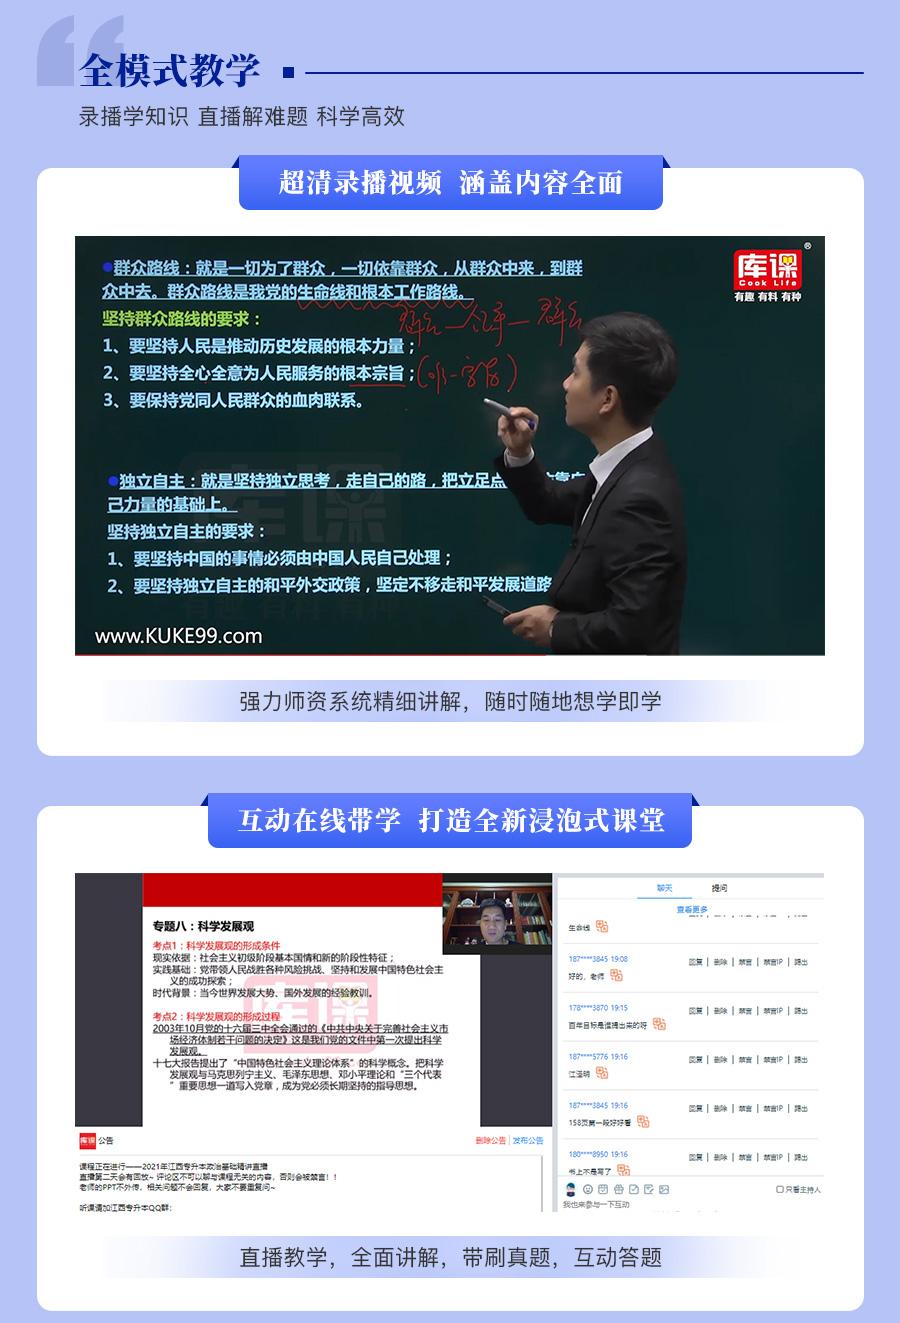 贵州-vip-英语+高数_04.jpg